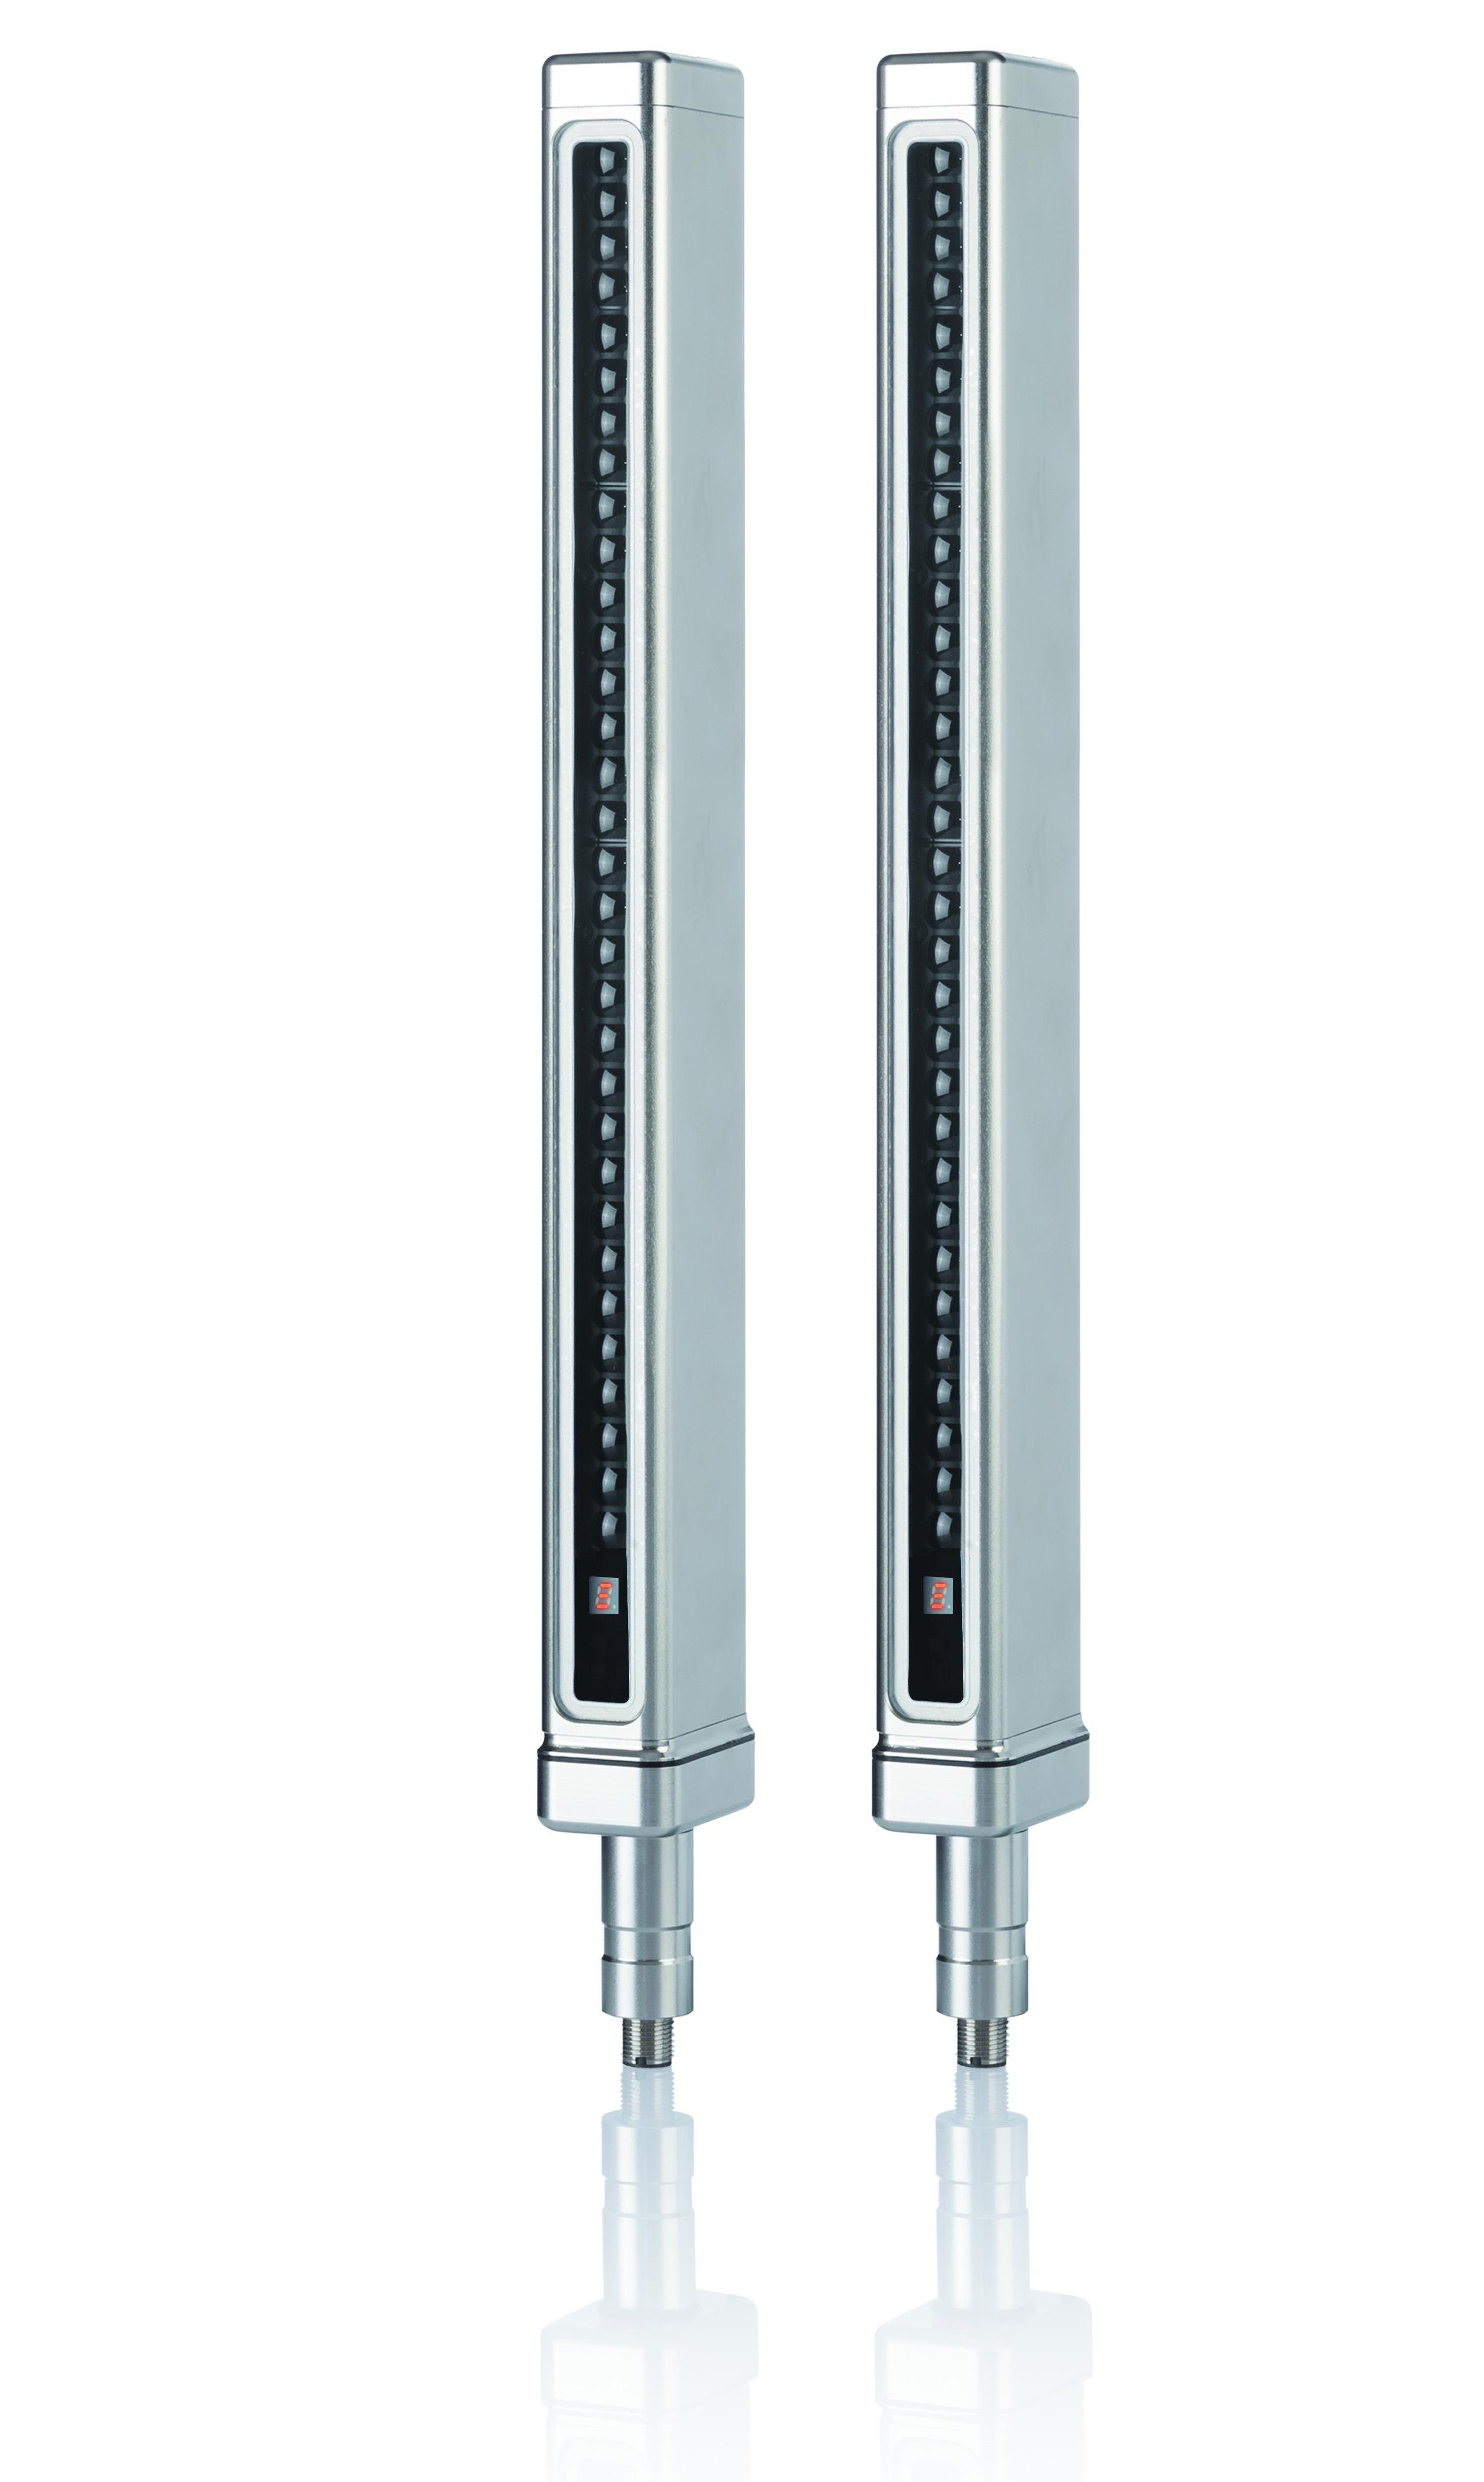 Datalogic 4-es típusú biztonsági fényfüggönyök